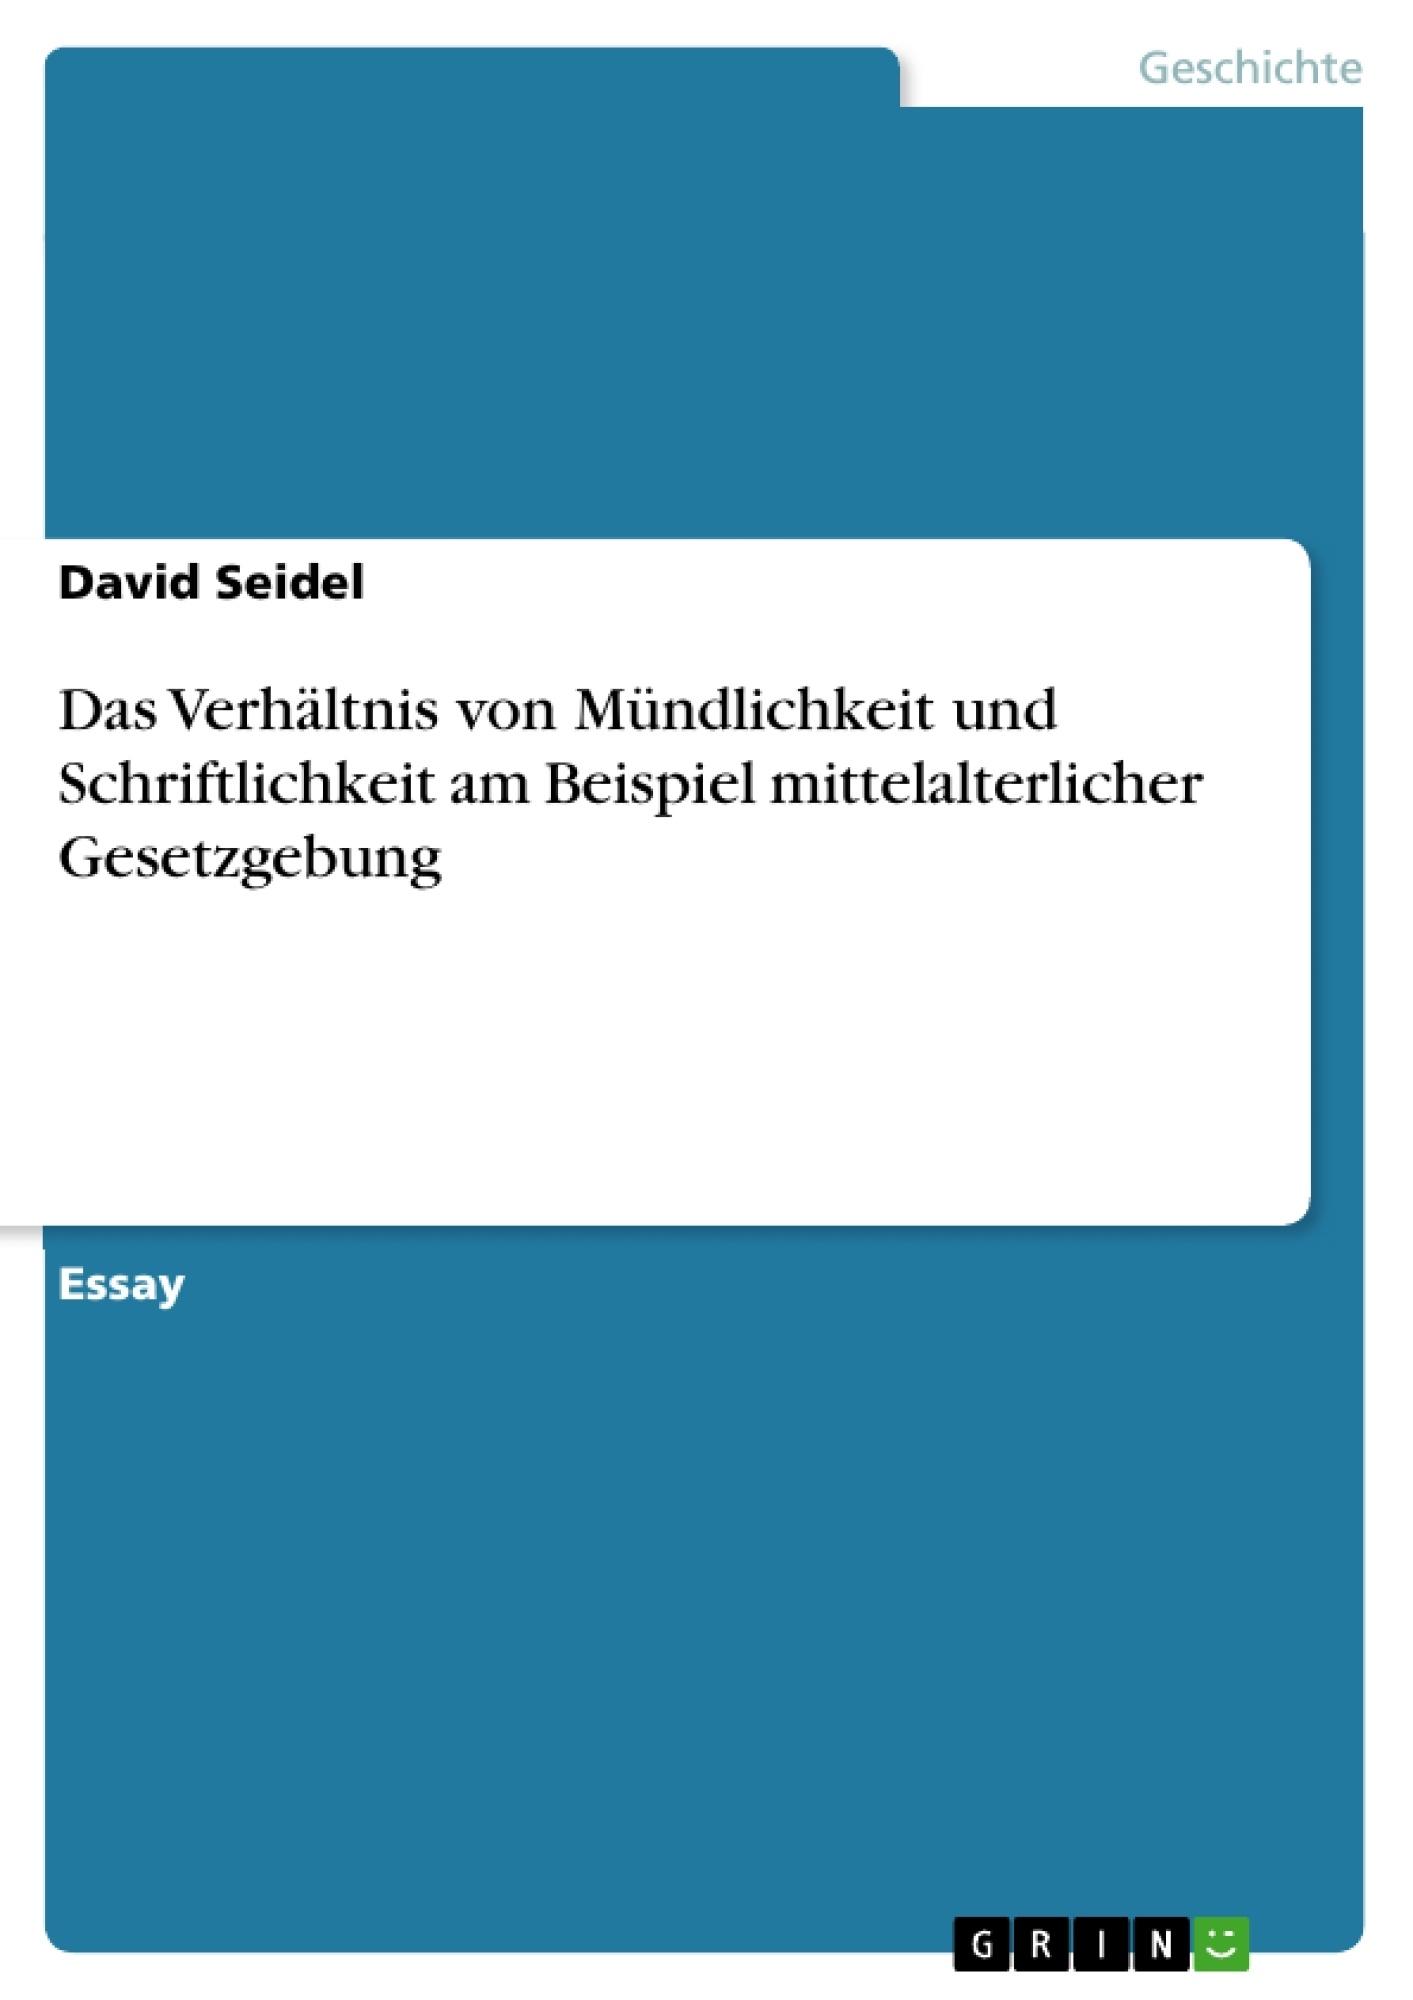 Titel: Das Verhältnis von Mündlichkeit und Schriftlichkeit am Beispiel mittelalterlicher Gesetzgebung